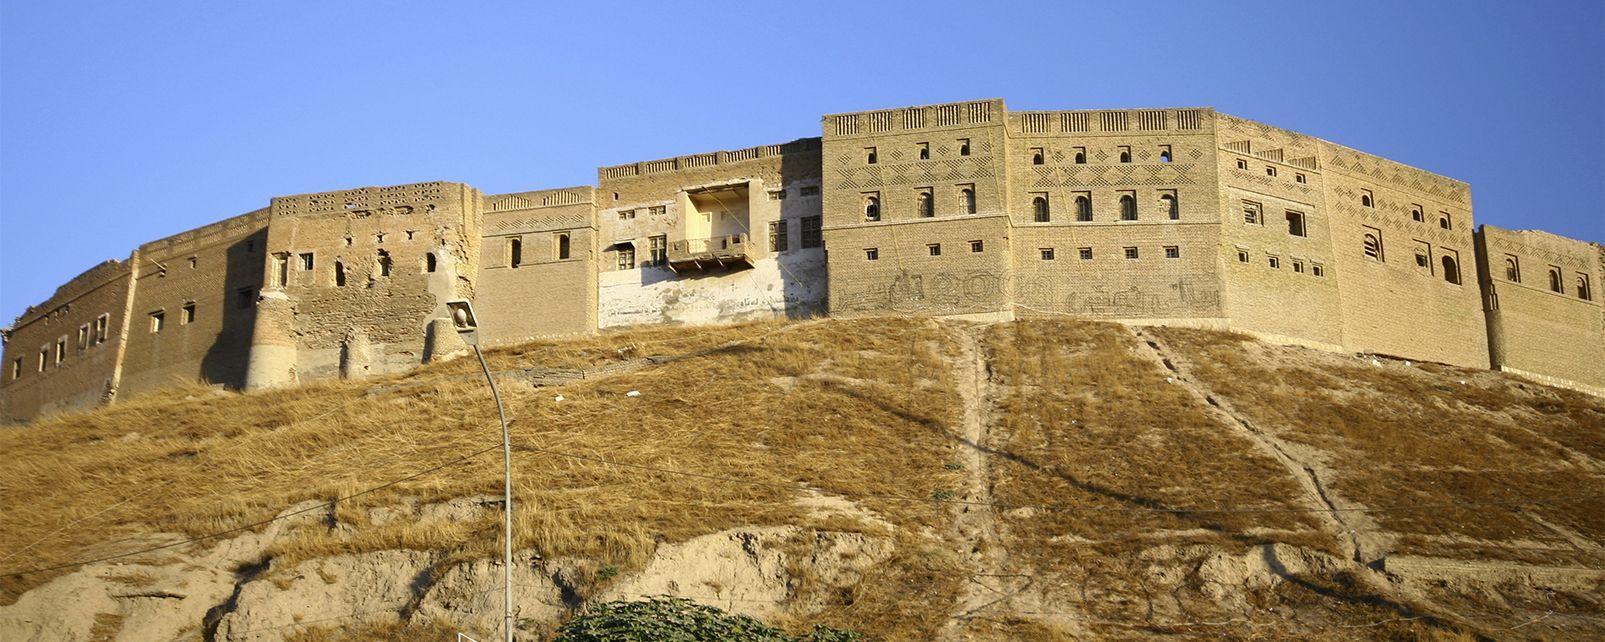 La citadelle d'Erbil , Irak